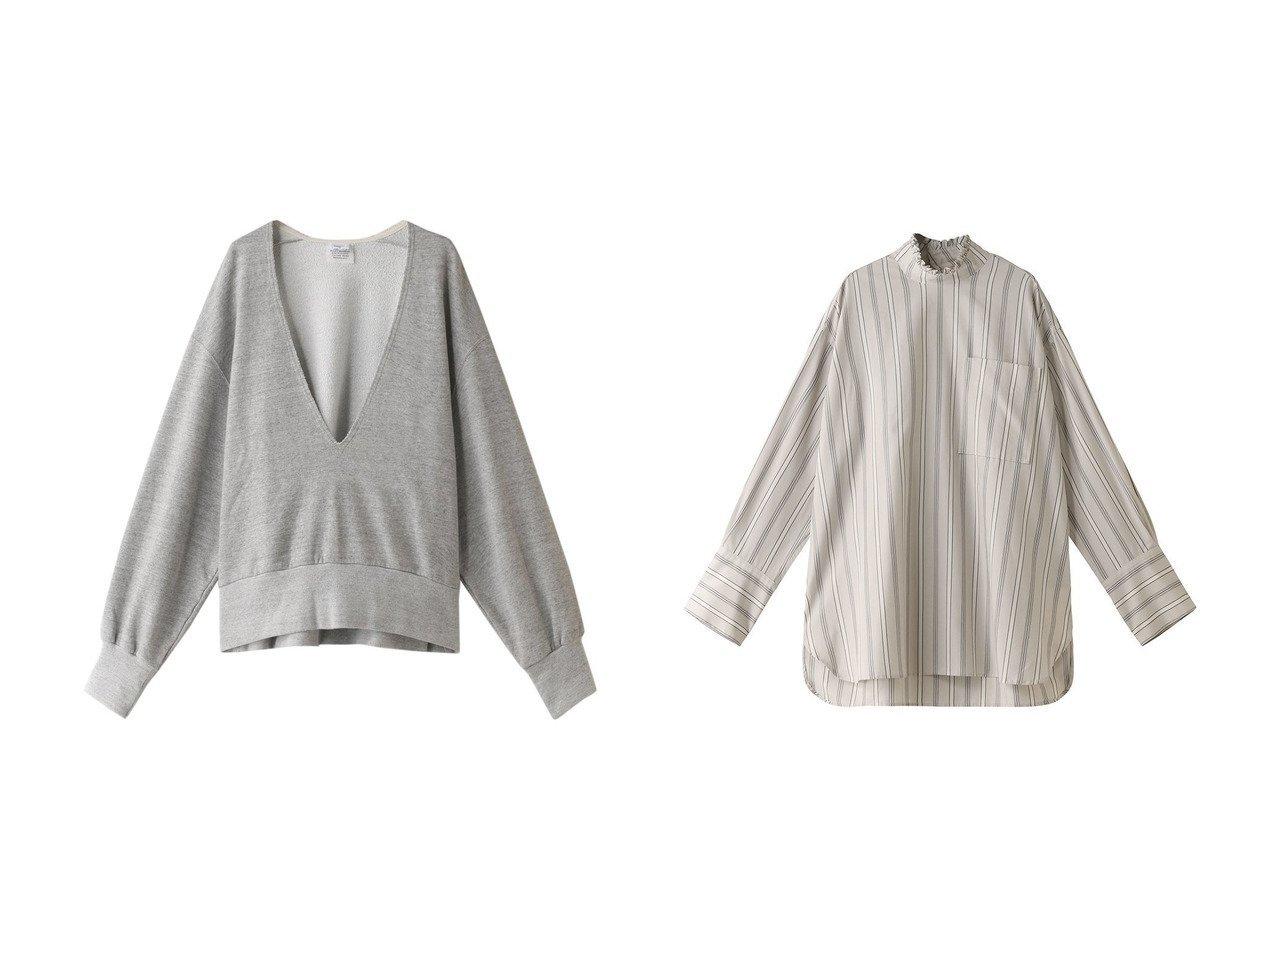 【Shinzone/シンゾーン】のコットンVネックスウェットプルオーバー&ハイネックフリルブラウス トップス・カットソーのおすすめ!人気、トレンド・レディースファッションの通販 おすすめで人気の流行・トレンド、ファッションの通販商品 メンズファッション・キッズファッション・インテリア・家具・レディースファッション・服の通販 founy(ファニー) https://founy.com/ ファッション Fashion レディースファッション WOMEN トップス Tops Tshirt シャツ/ブラウス Shirts Blouses パーカ Sweats ロング / Tシャツ T-Shirts プルオーバー Pullover スウェット Sweat カットソー Cut and Sewn Vネック V-Neck 2021年 2021 2021 春夏 S/S SS Spring/Summer 2021 S/S 春夏 SS Spring/Summer フェミニン 春 Spring |ID:crp329100000013094